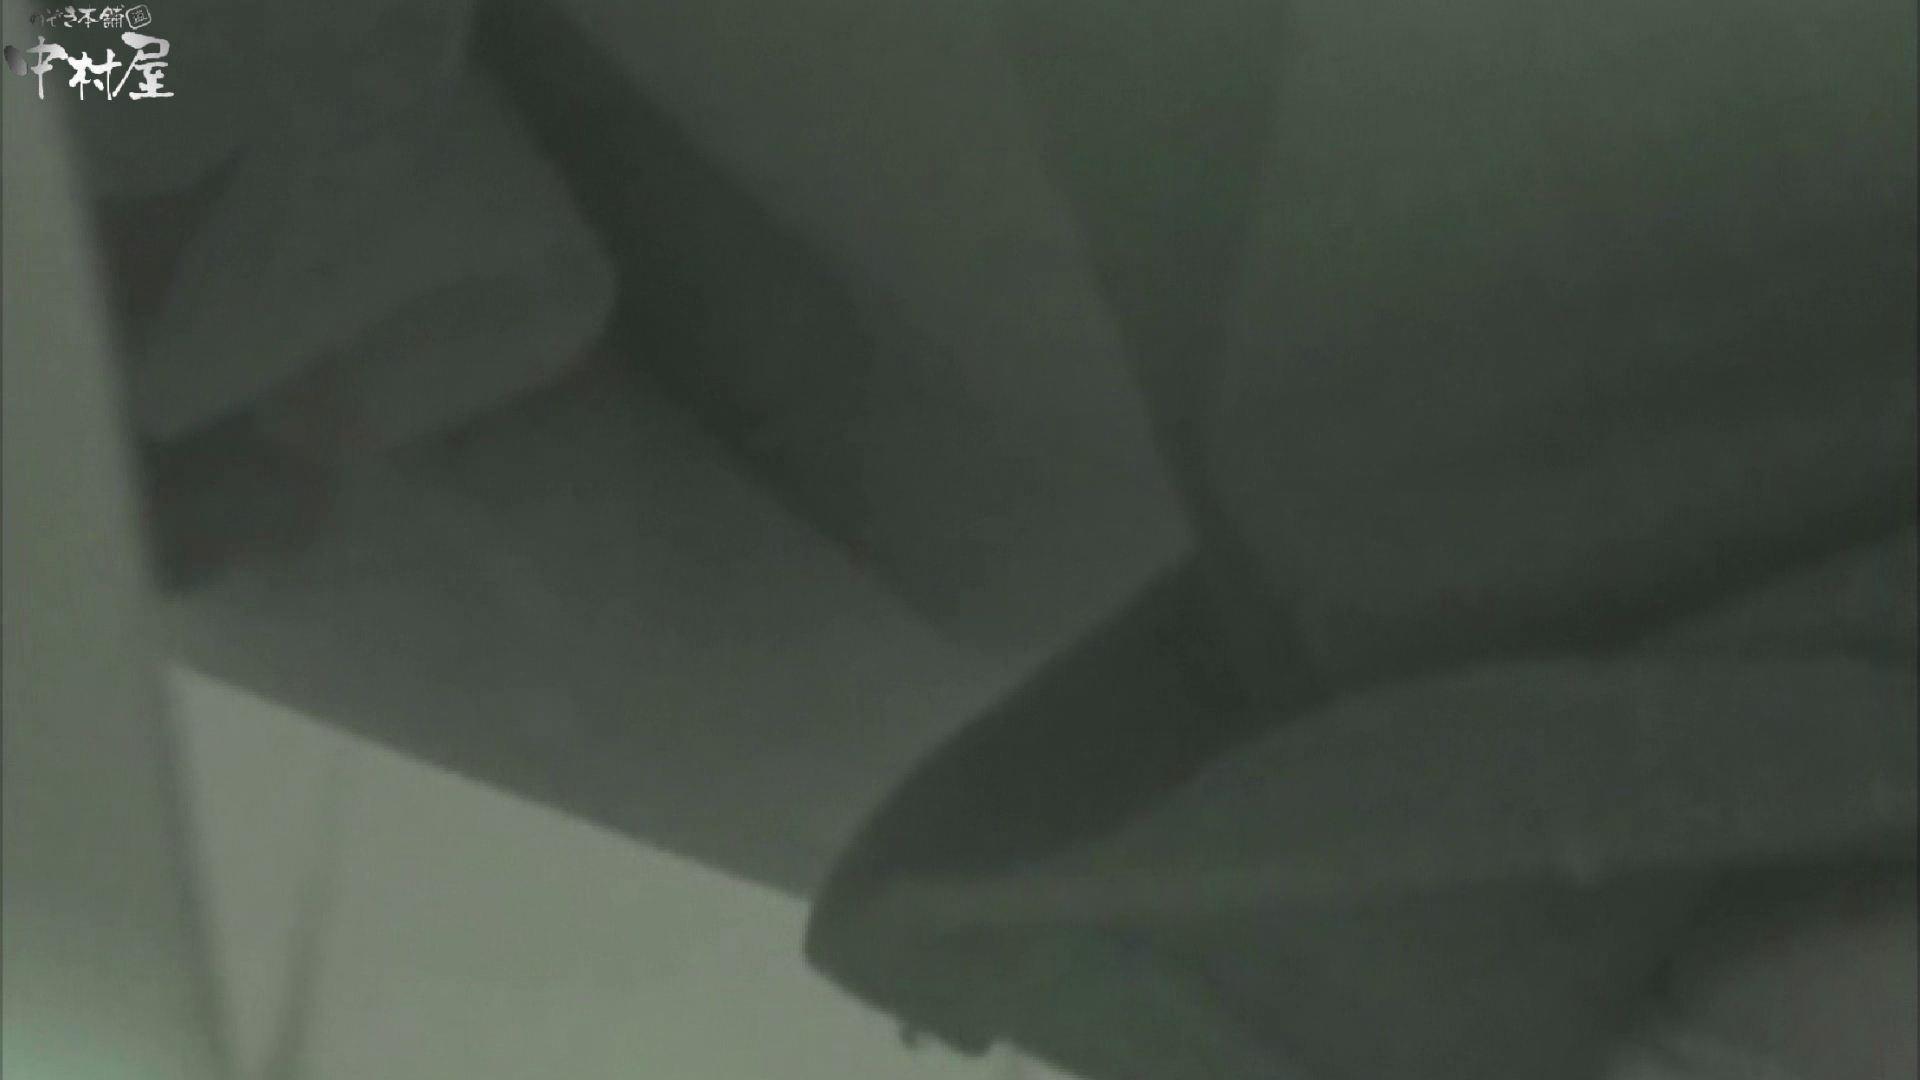 解禁!海の家4カメ洗面所vol.09 人気シリーズ  97PIX 39